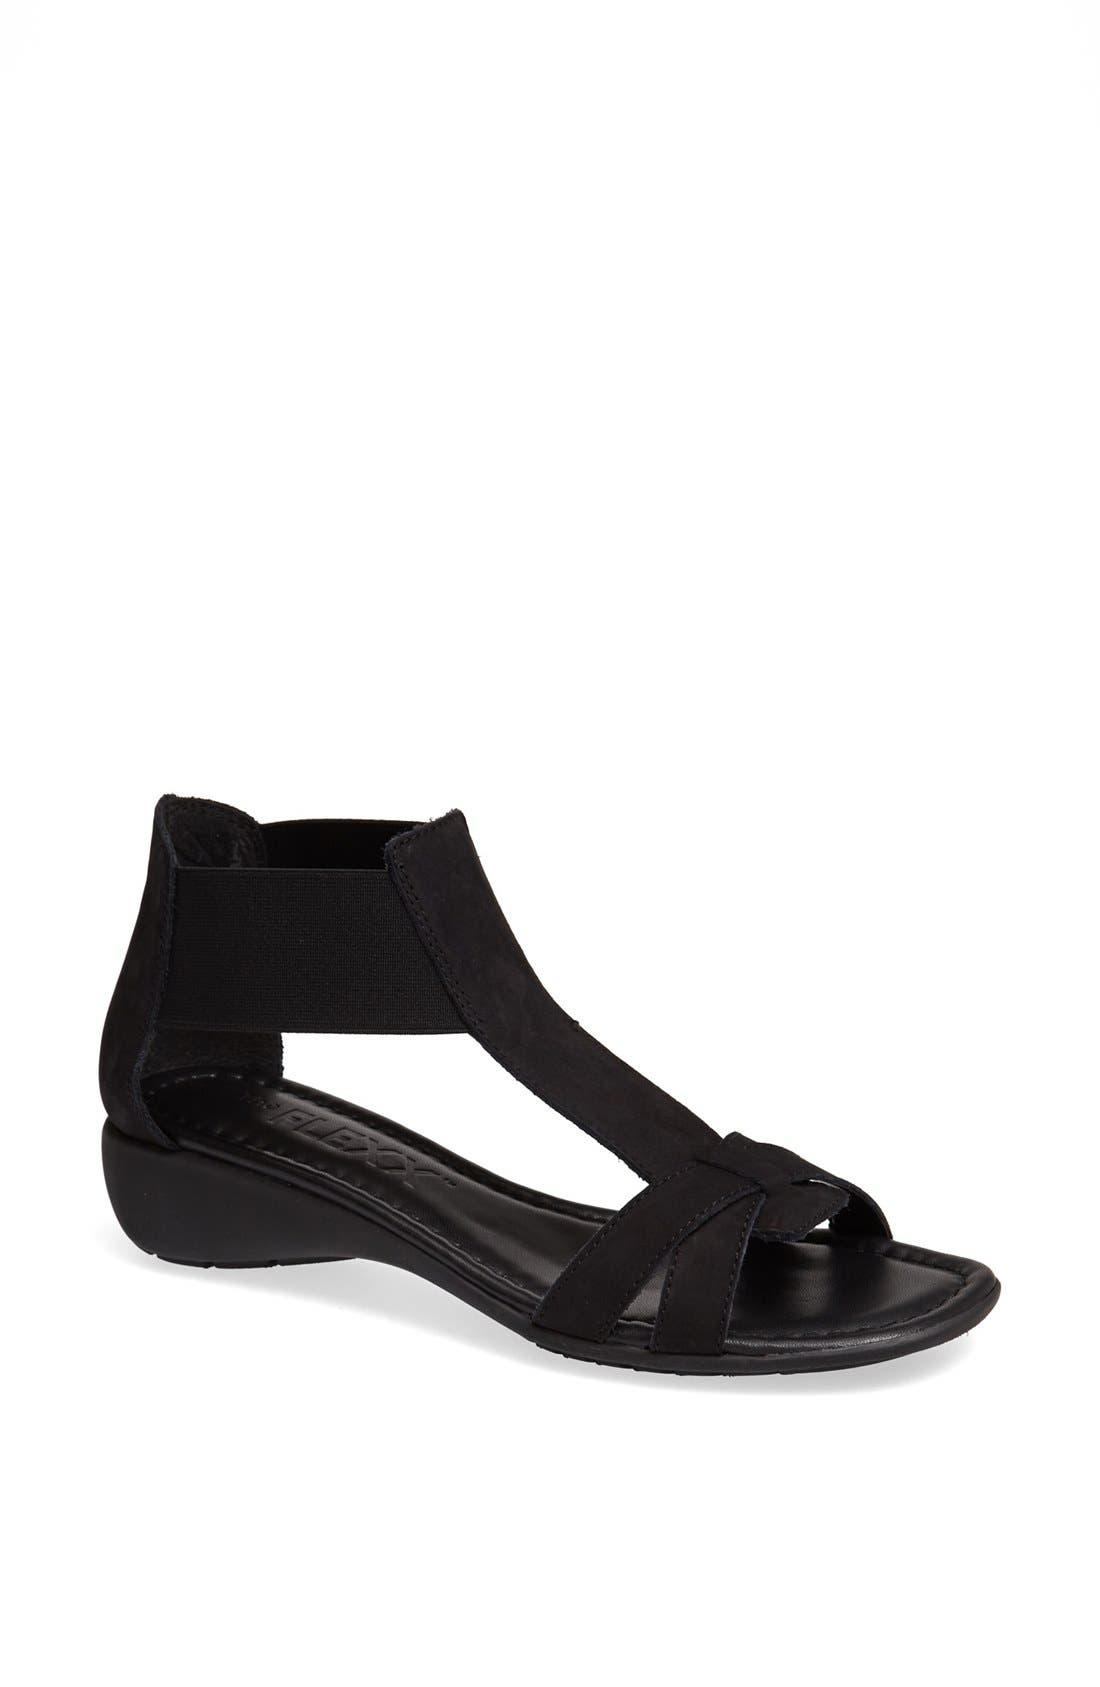 'Band Together' Sandal,                         Main,                         color, BLACK NUBUCK